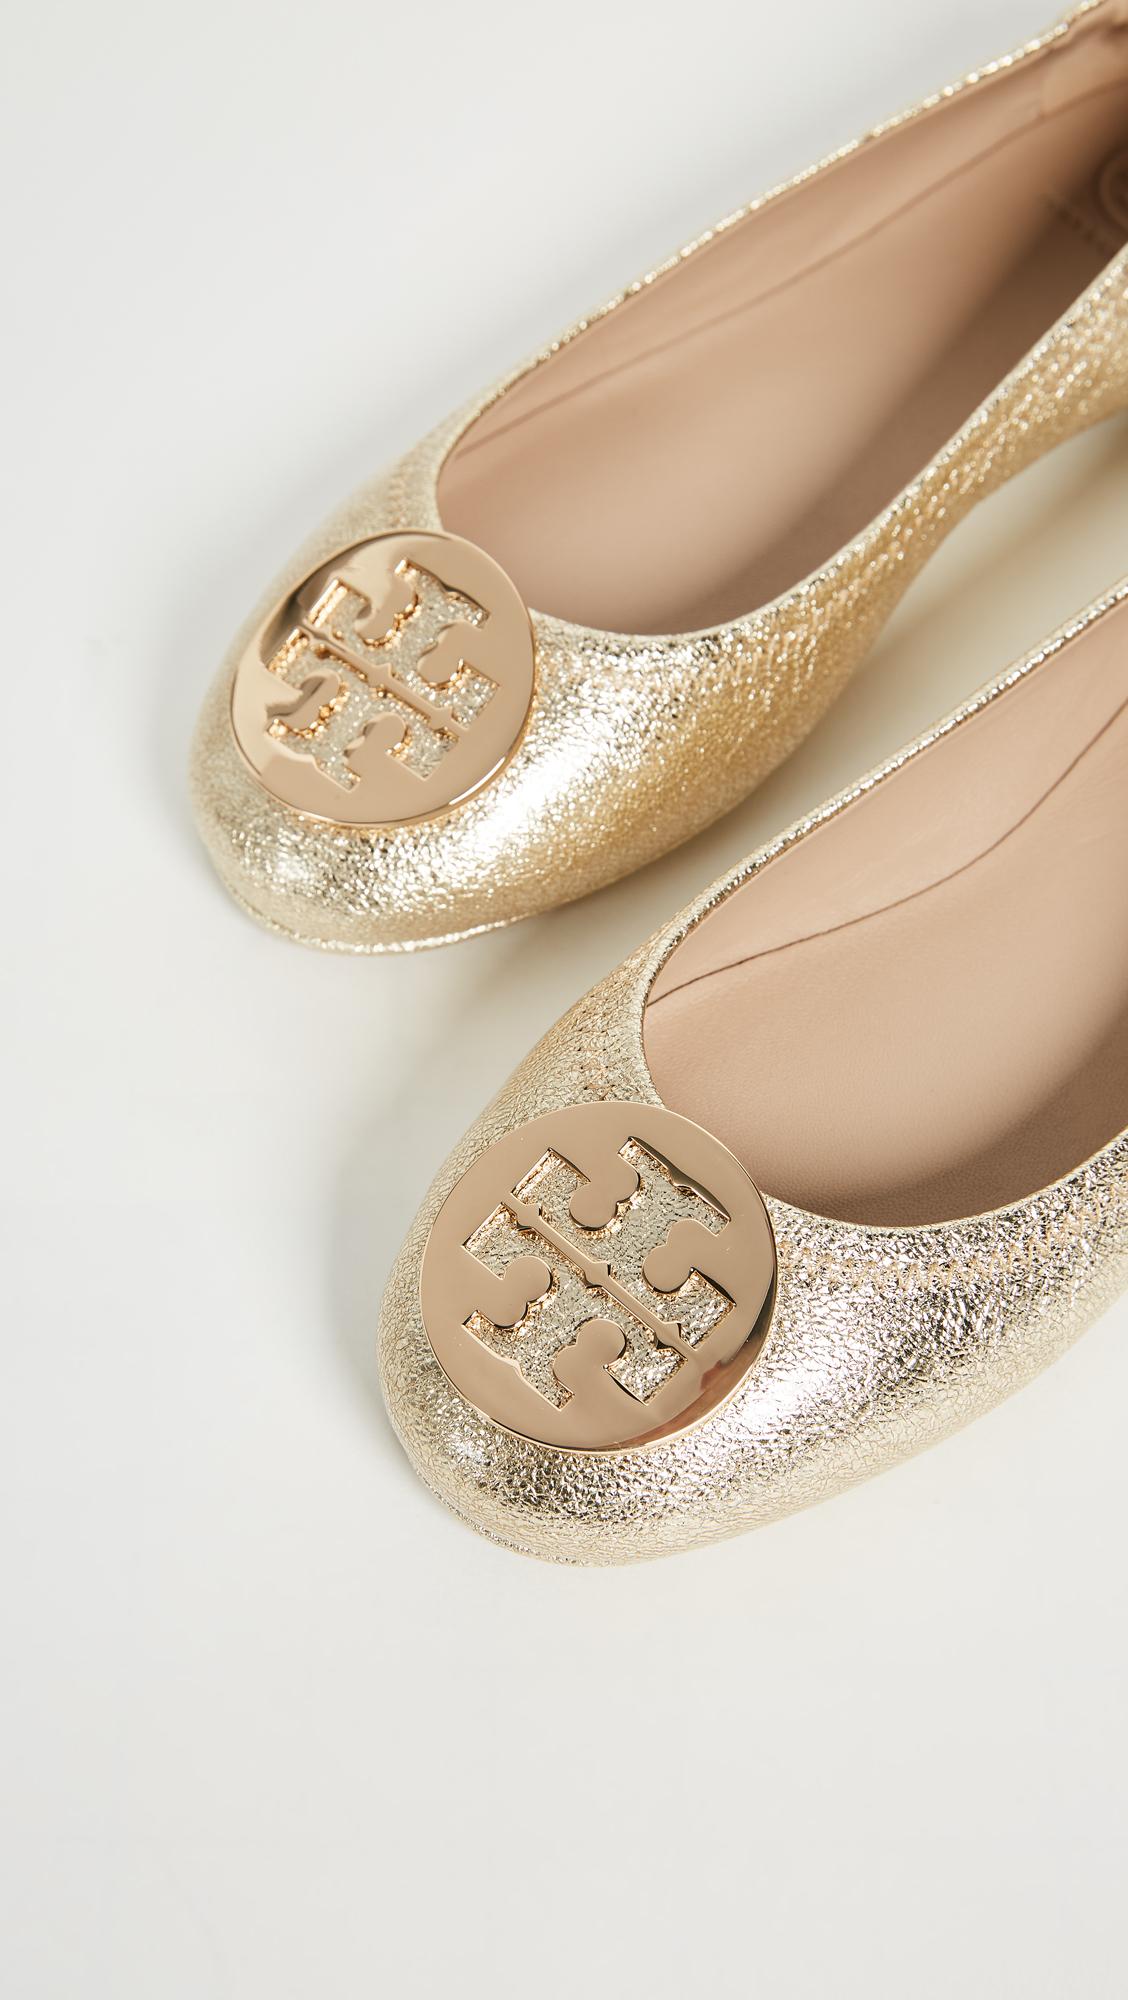 a39e9fc4f9d3a Tory Burch Minnie Travel Ballet Flats